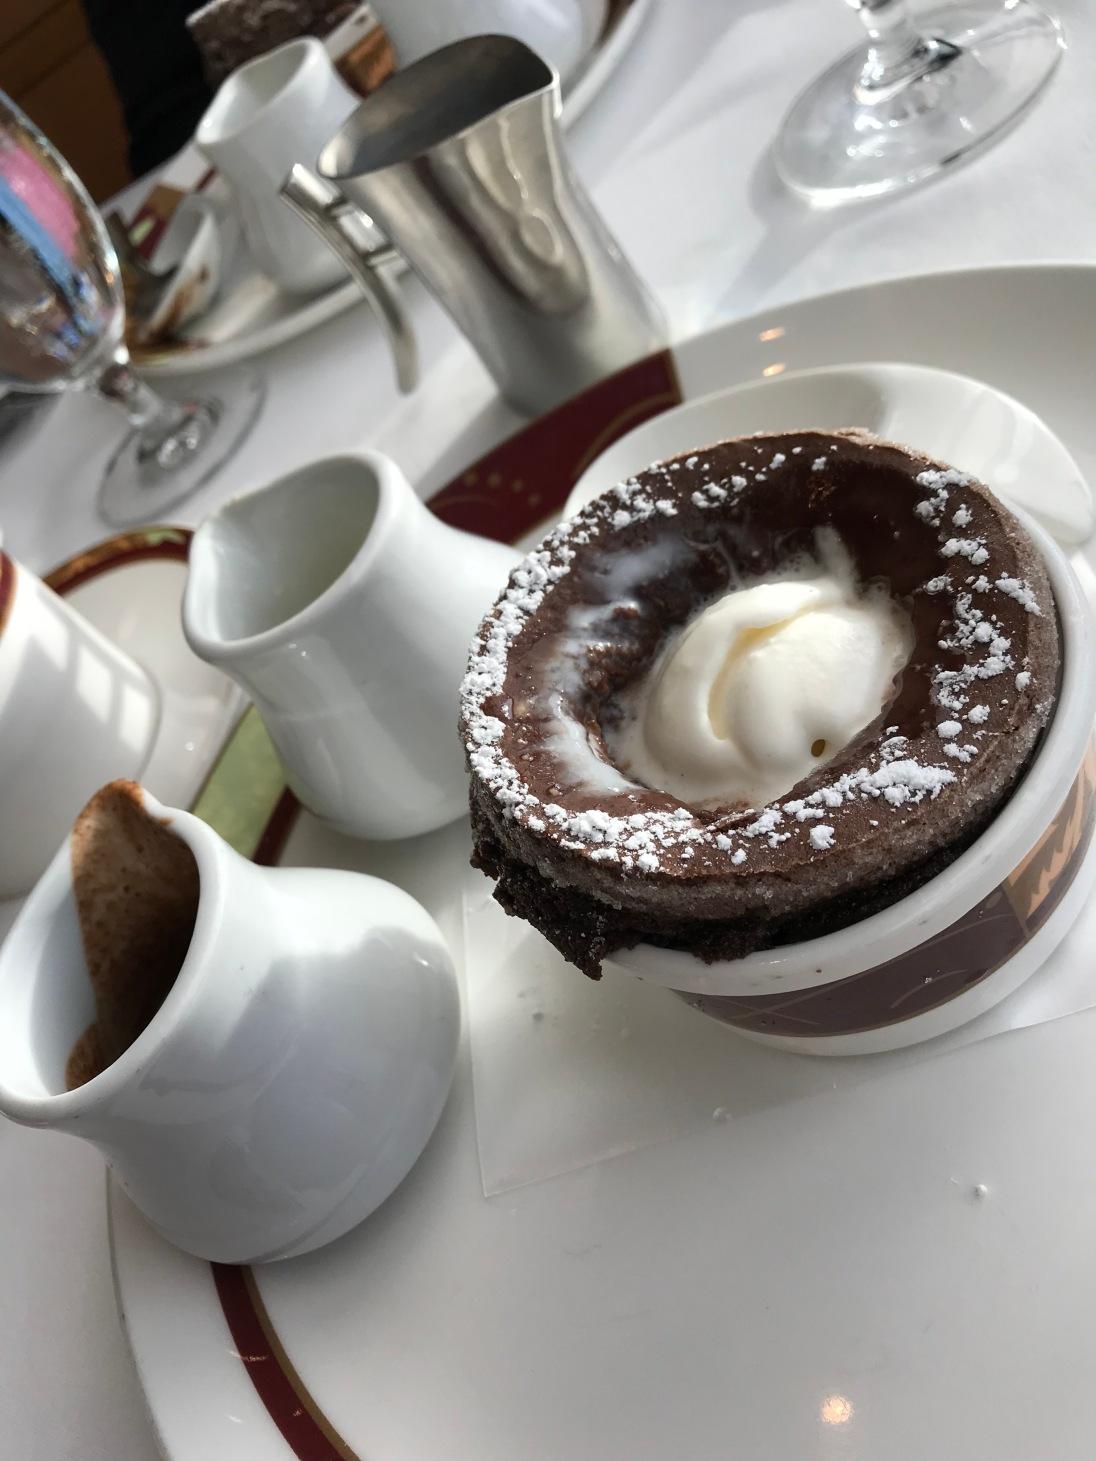 Palo's famous Chocolate Soufflé